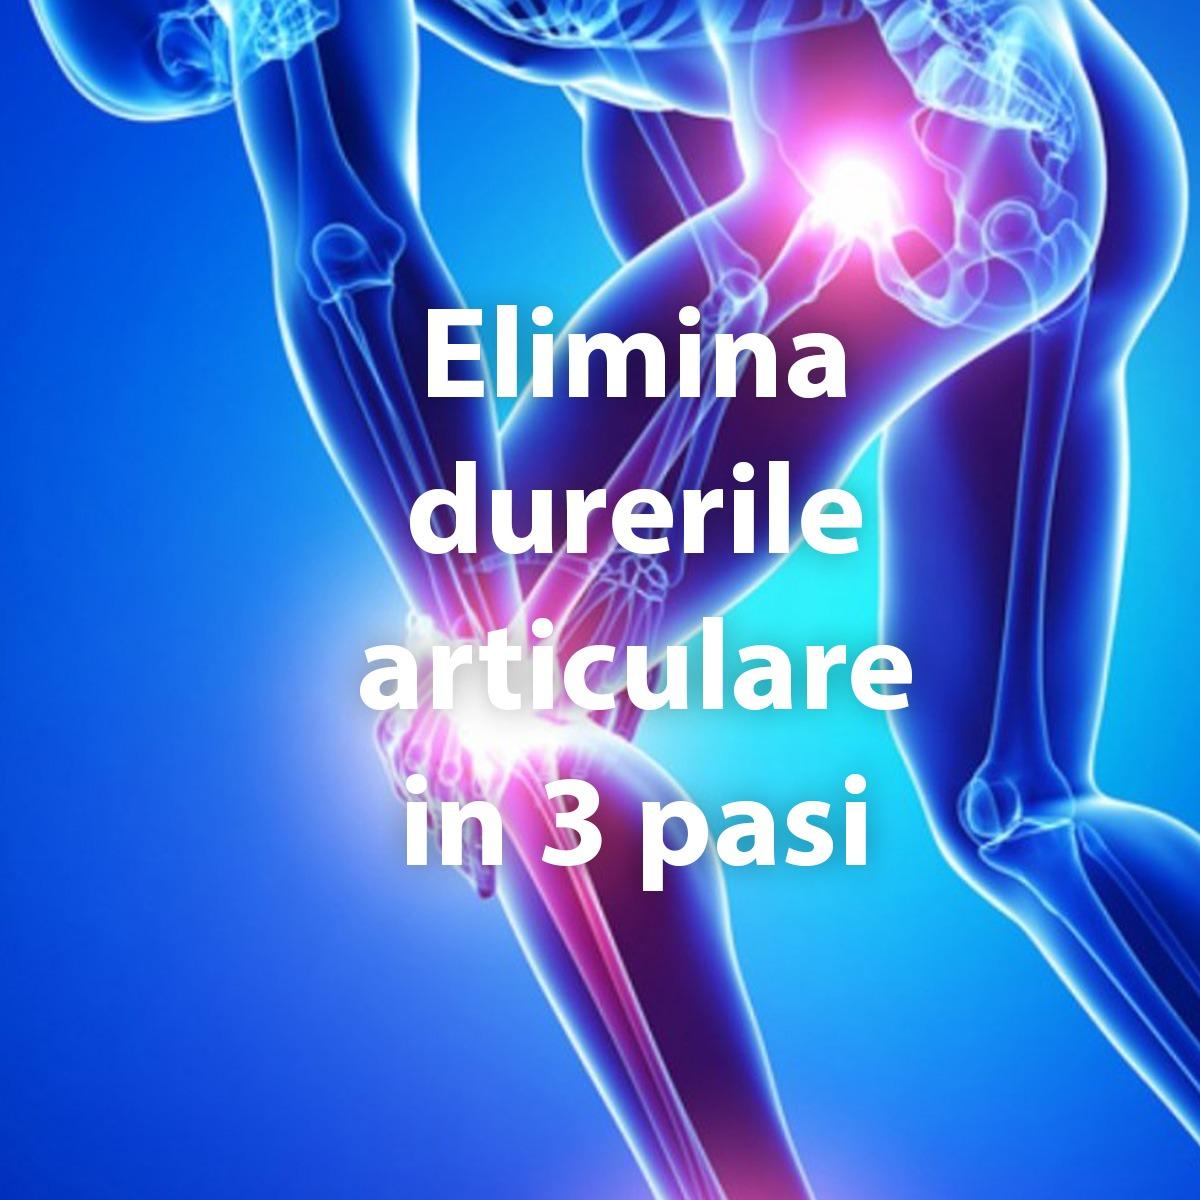 cu dureri articulare, circulație sanguină